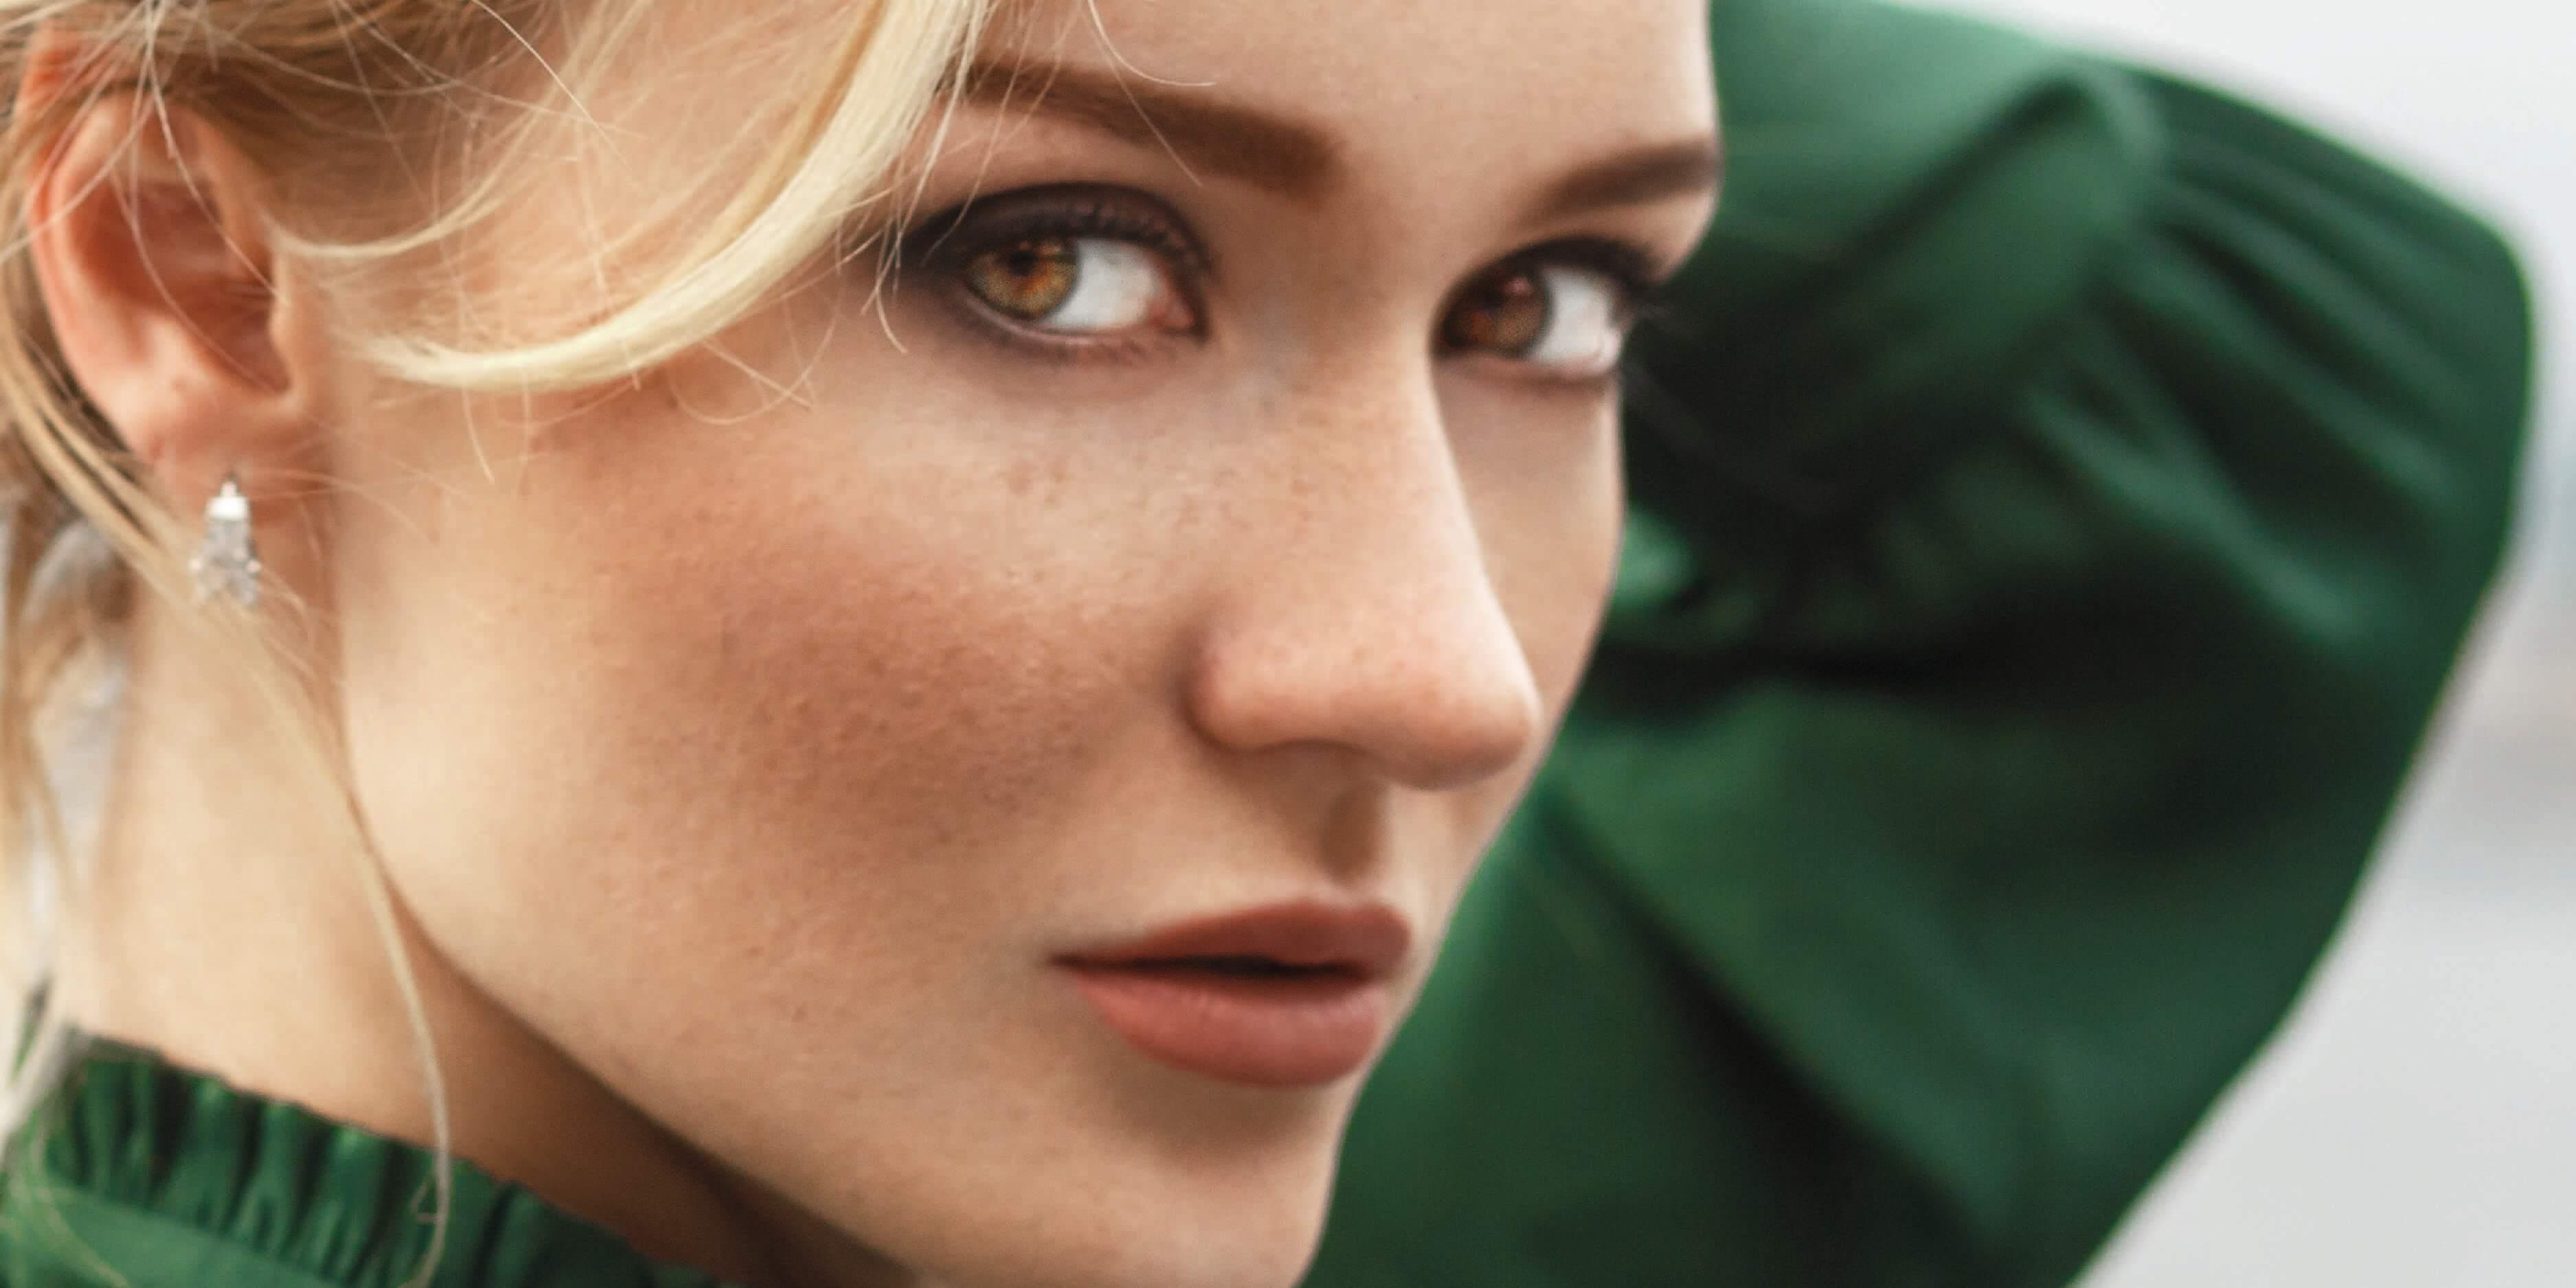 Tratamiento Remodelación Facial - Clínica del Carmen